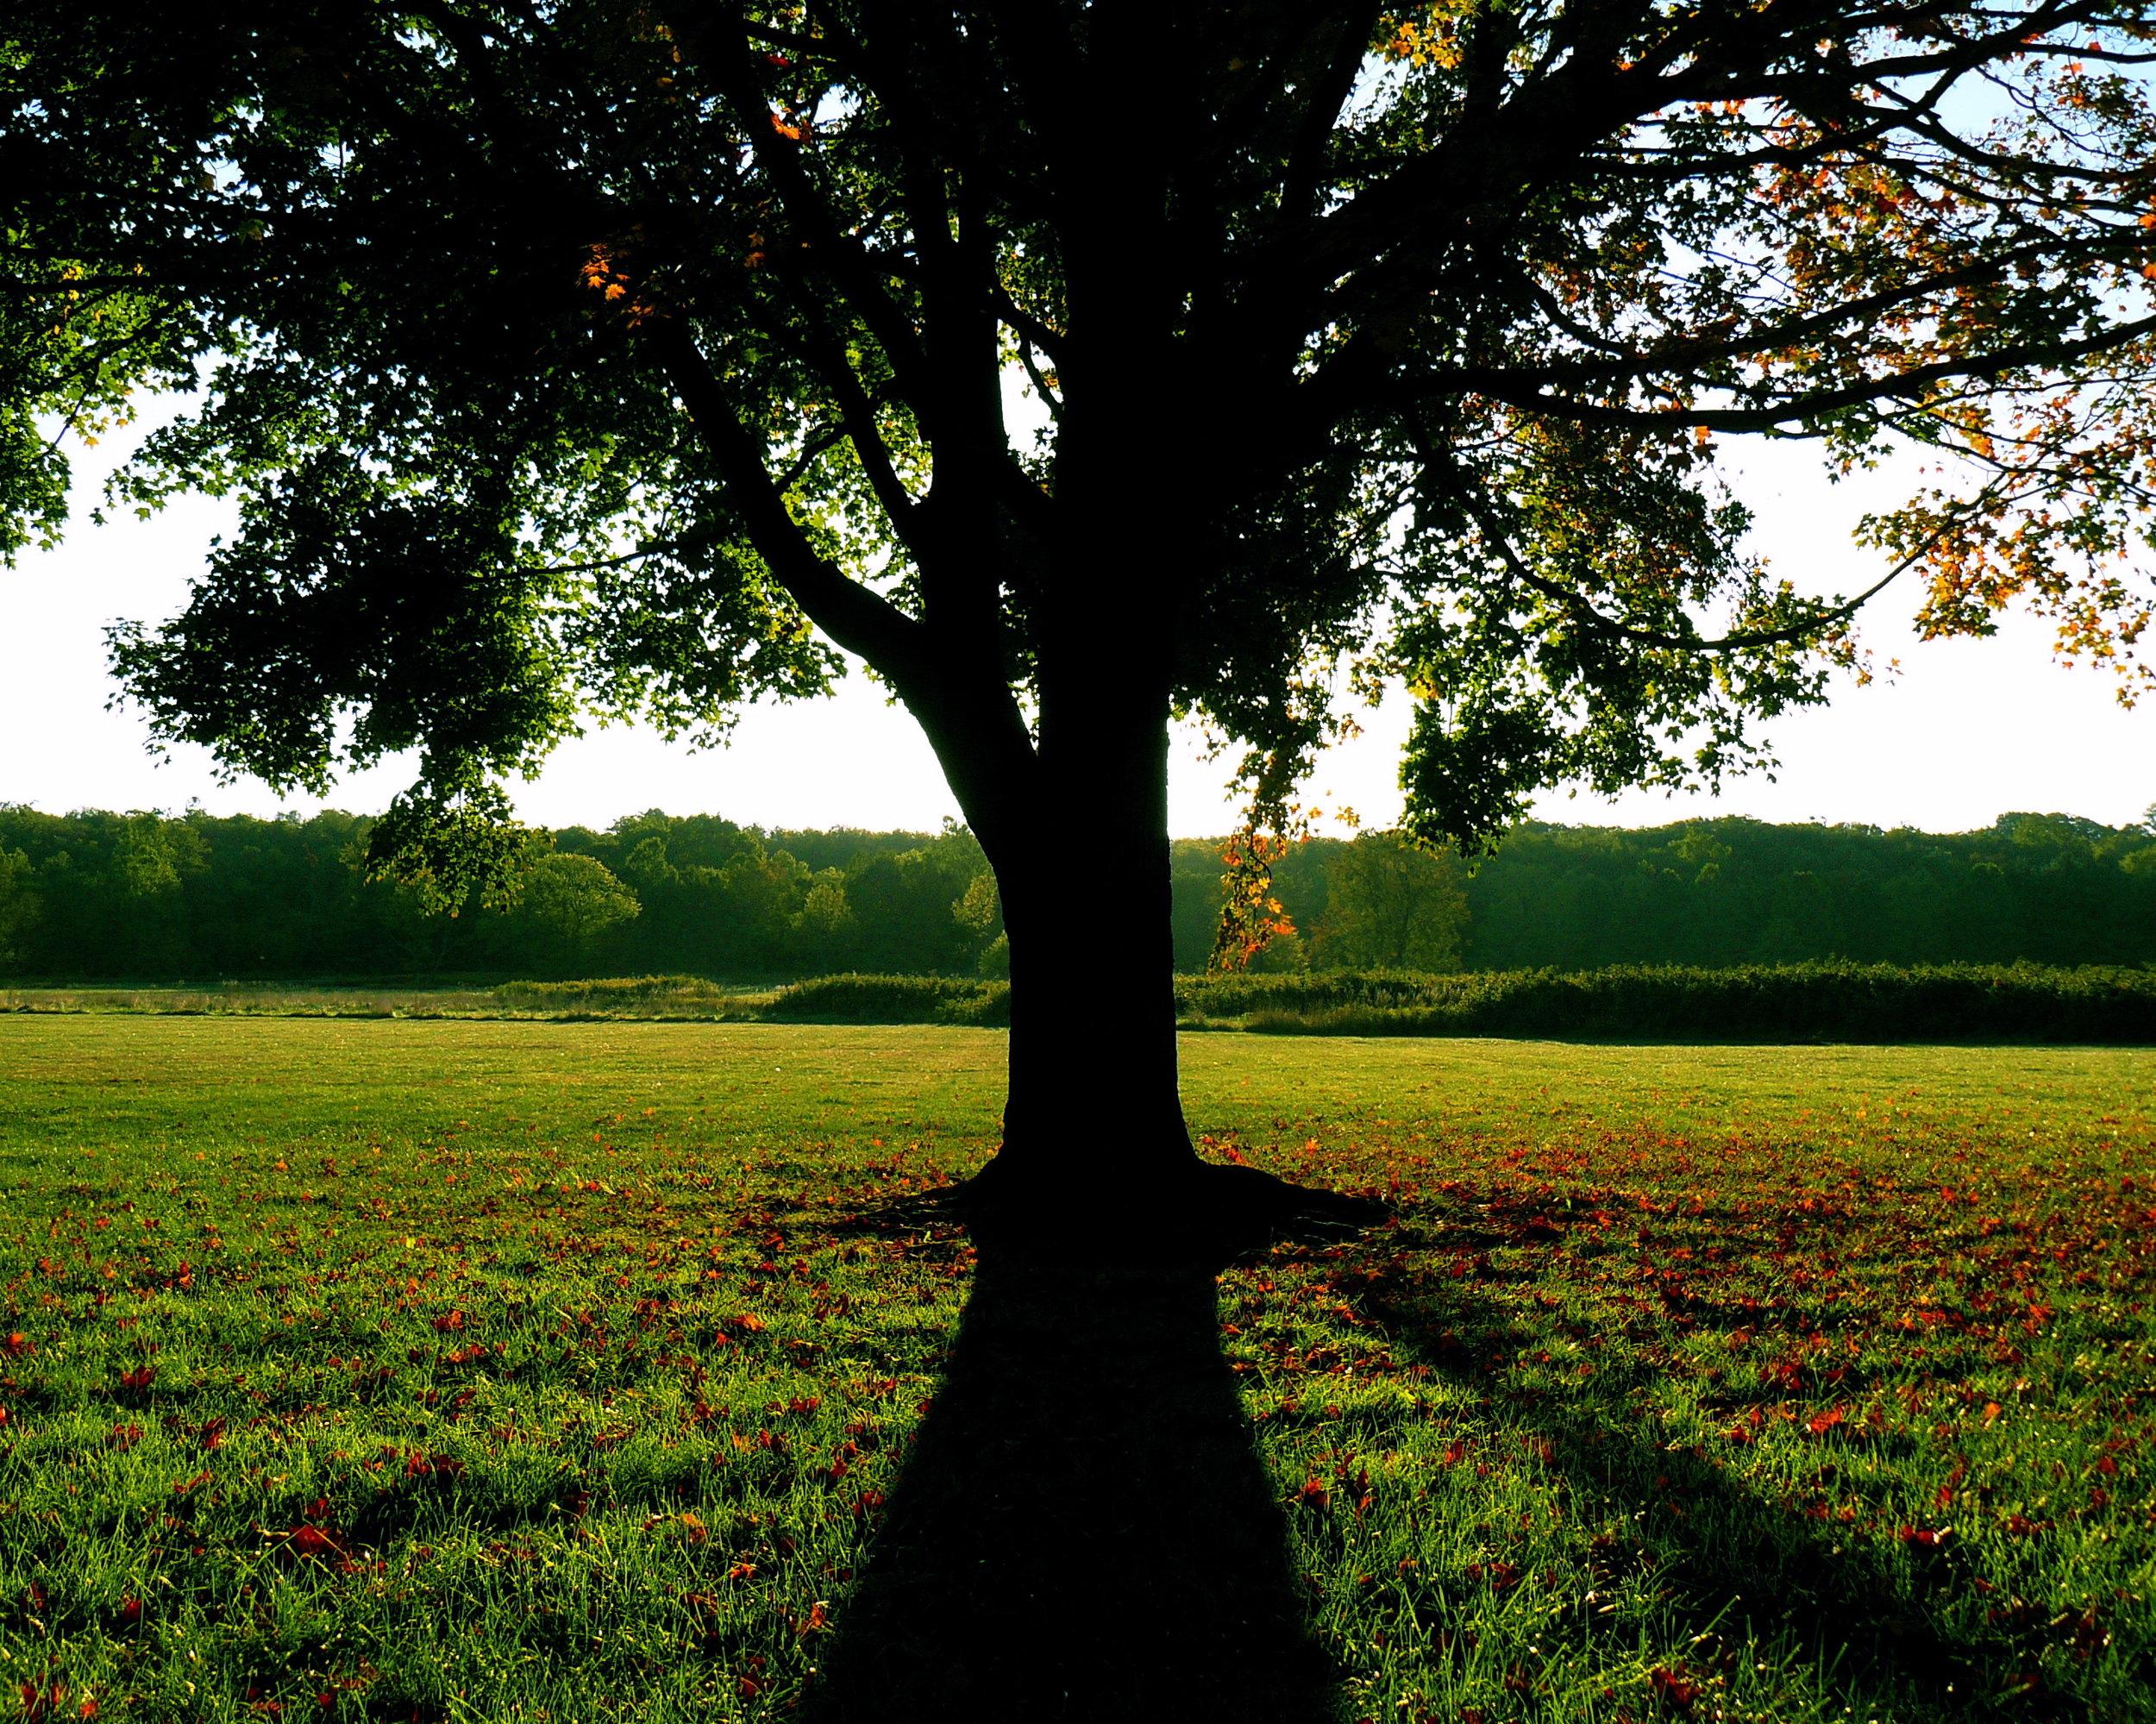 tree and shadow at HBK_TP.jpg